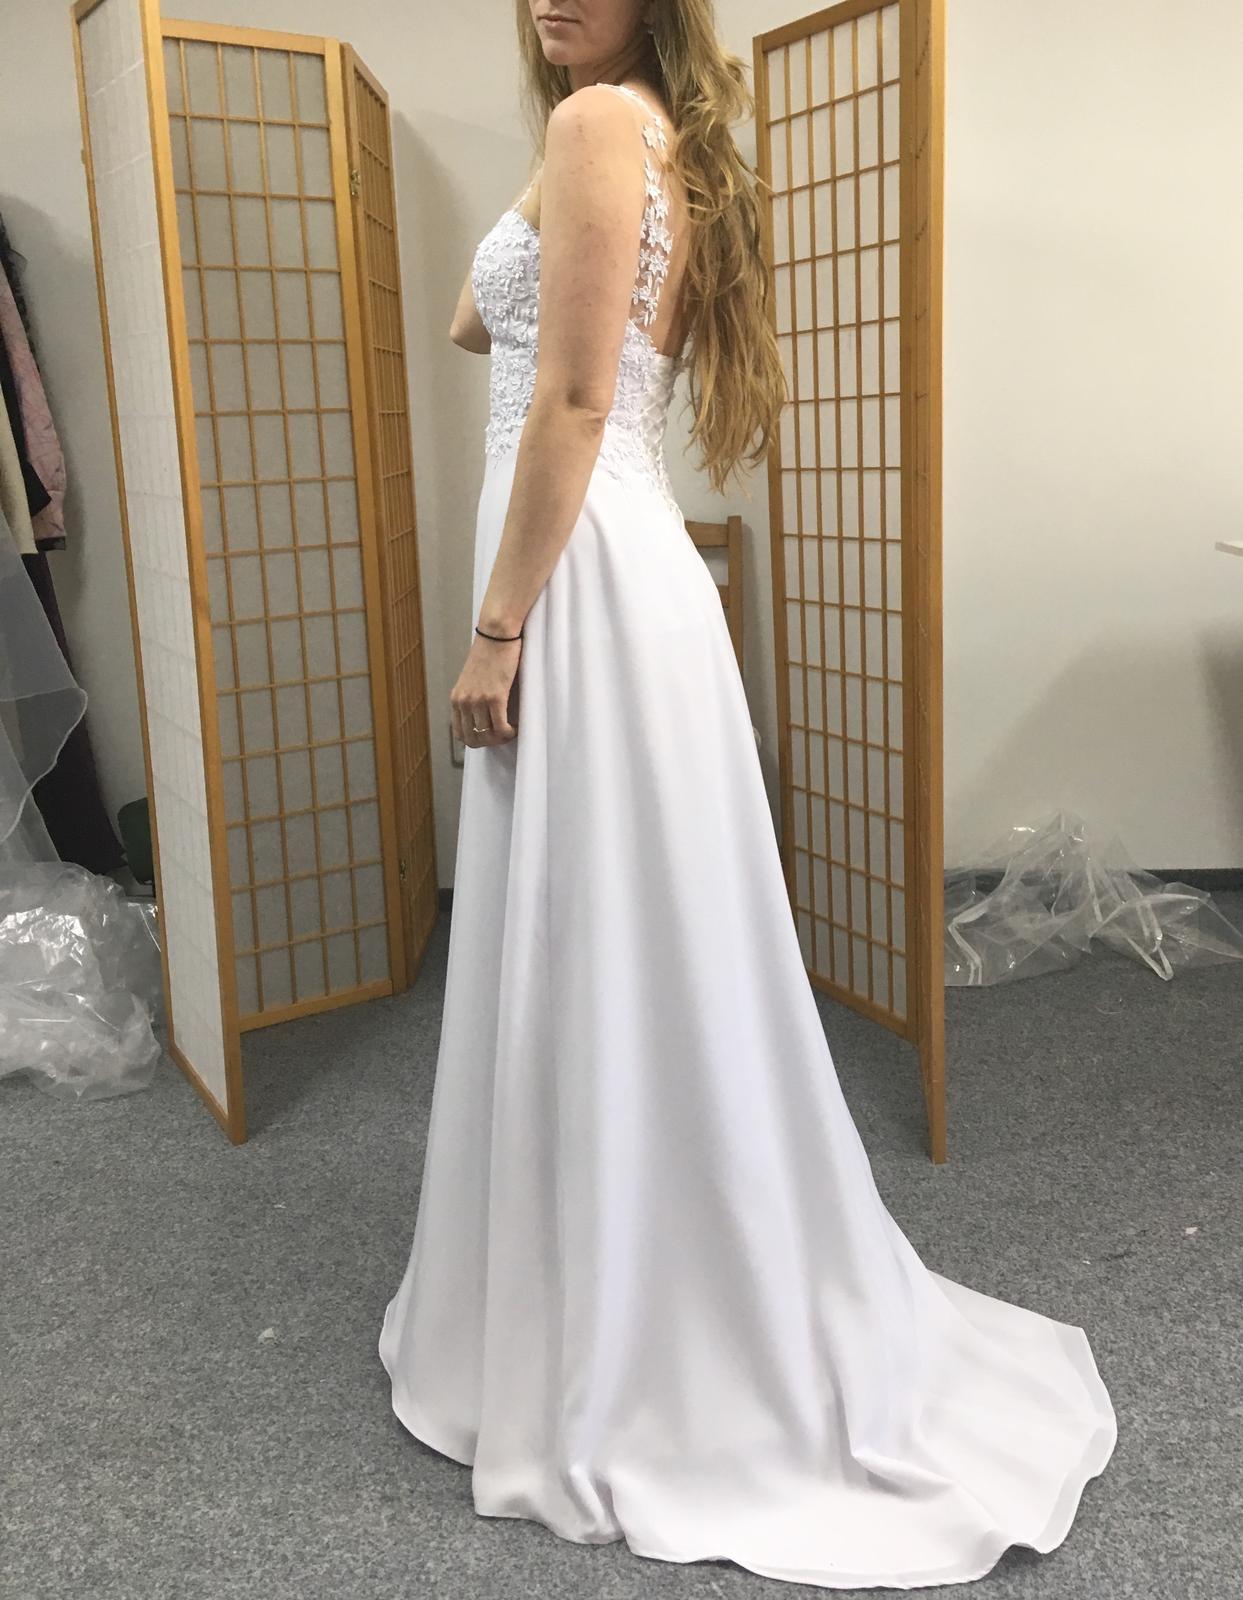 Svatební šaty pro vílu - Obrázek č. 1